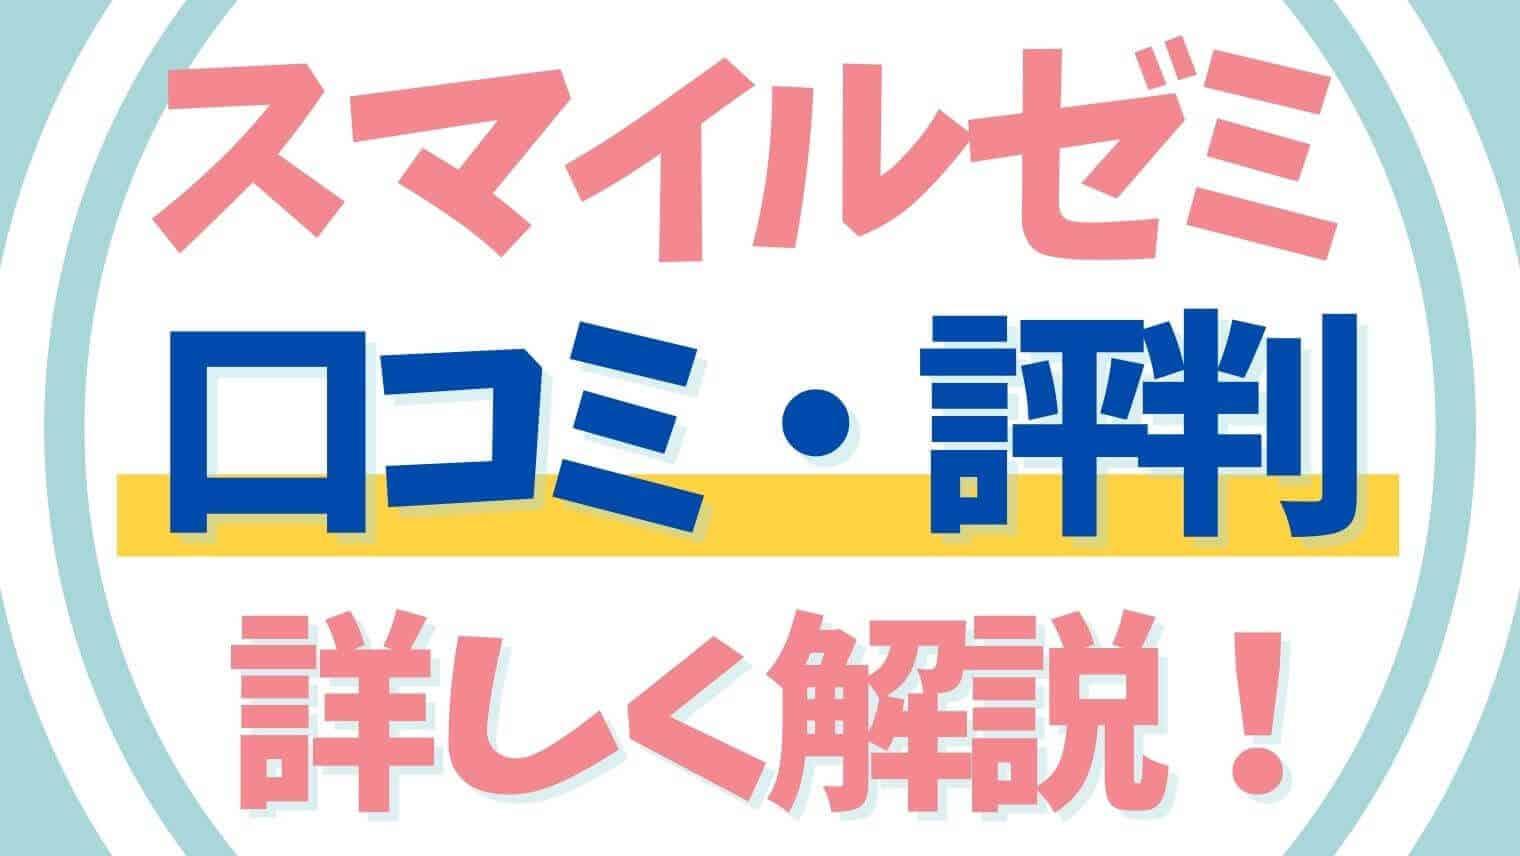 スマイルゼミ(スマゼミ)の口コミ・評判を詳しく解説!